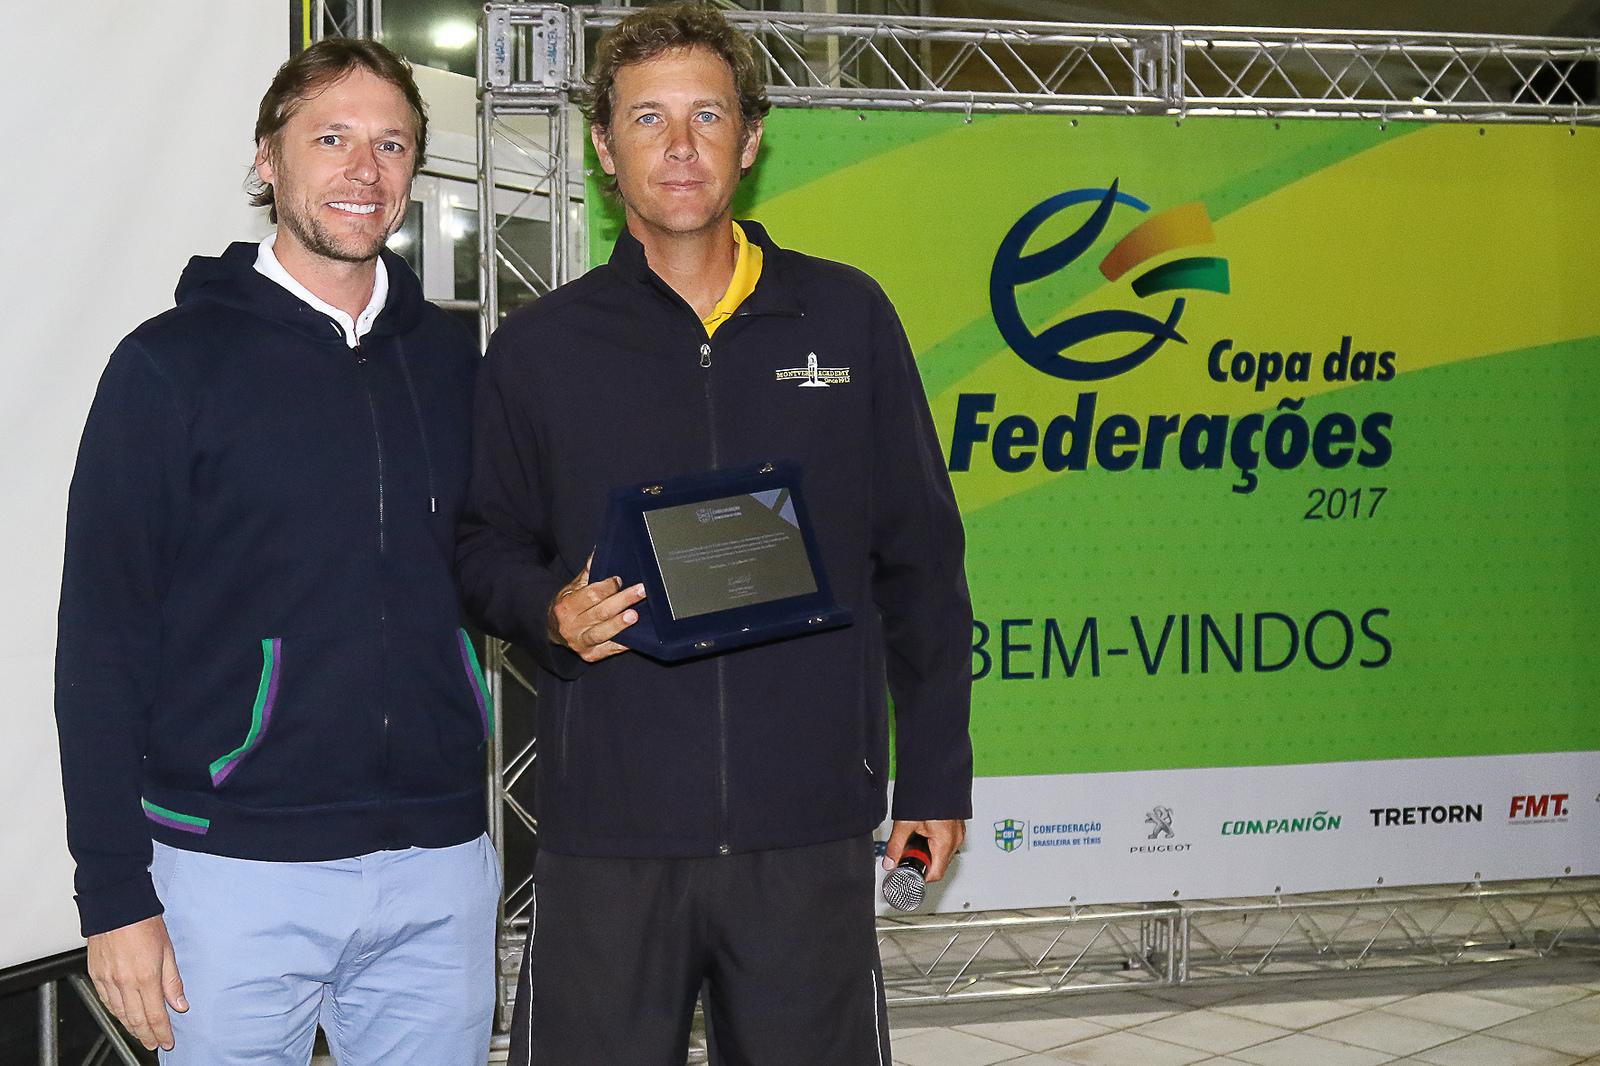 Jaime Oncins homenageado pela CBT durante Campeonato Brasileiro